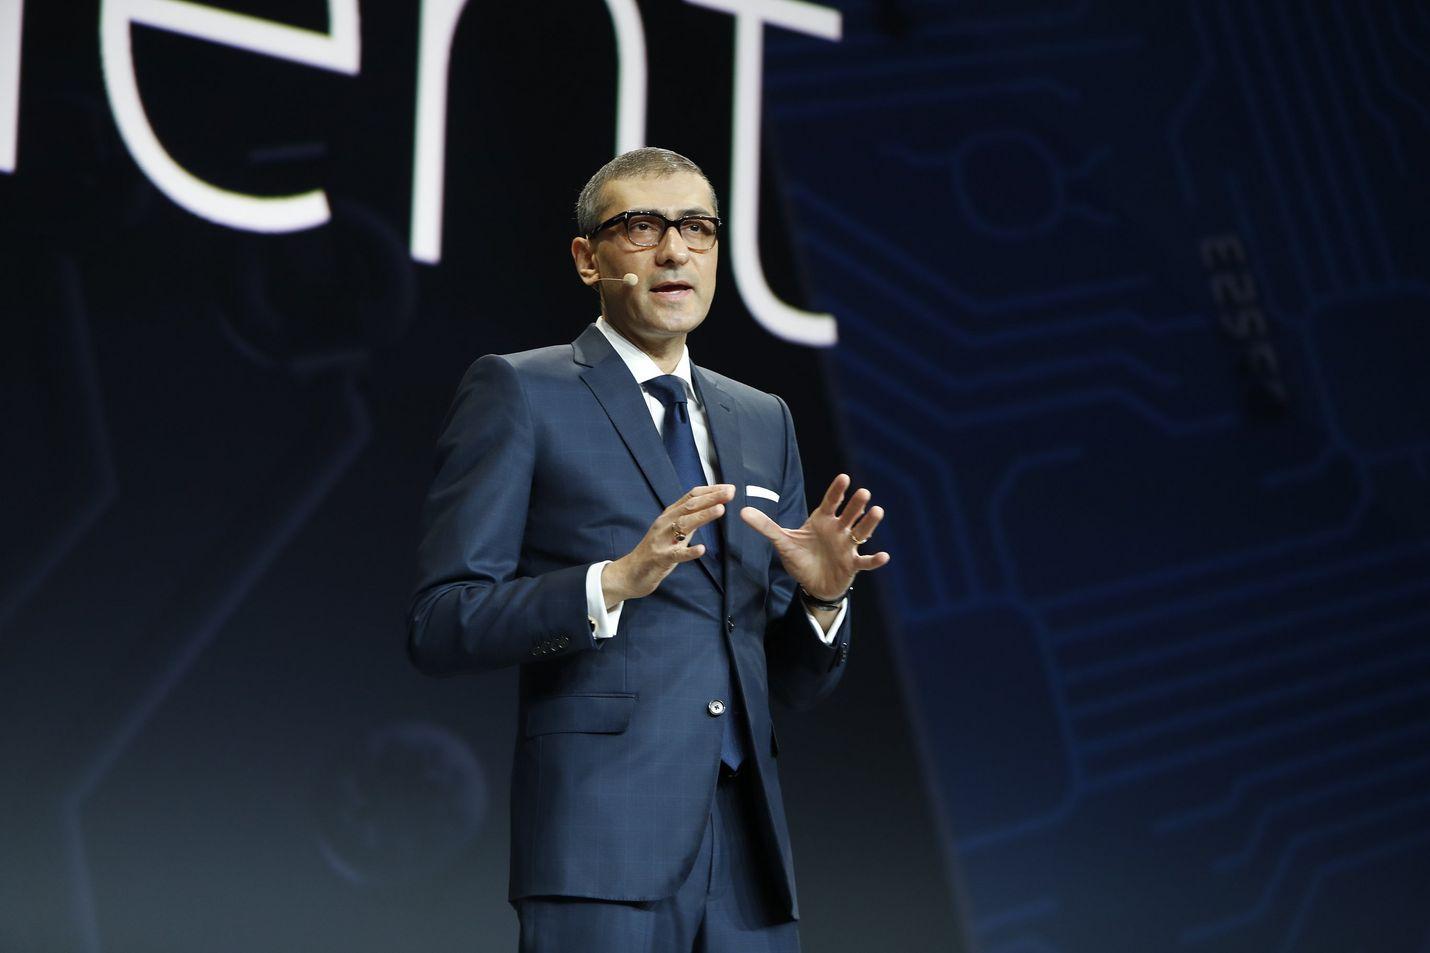 Nokian toimitusjohtaja Rajeev Suri hankki viime vuonna miljoonatulot, joista pääosa oli ansiotuloa. Arkistokuva.